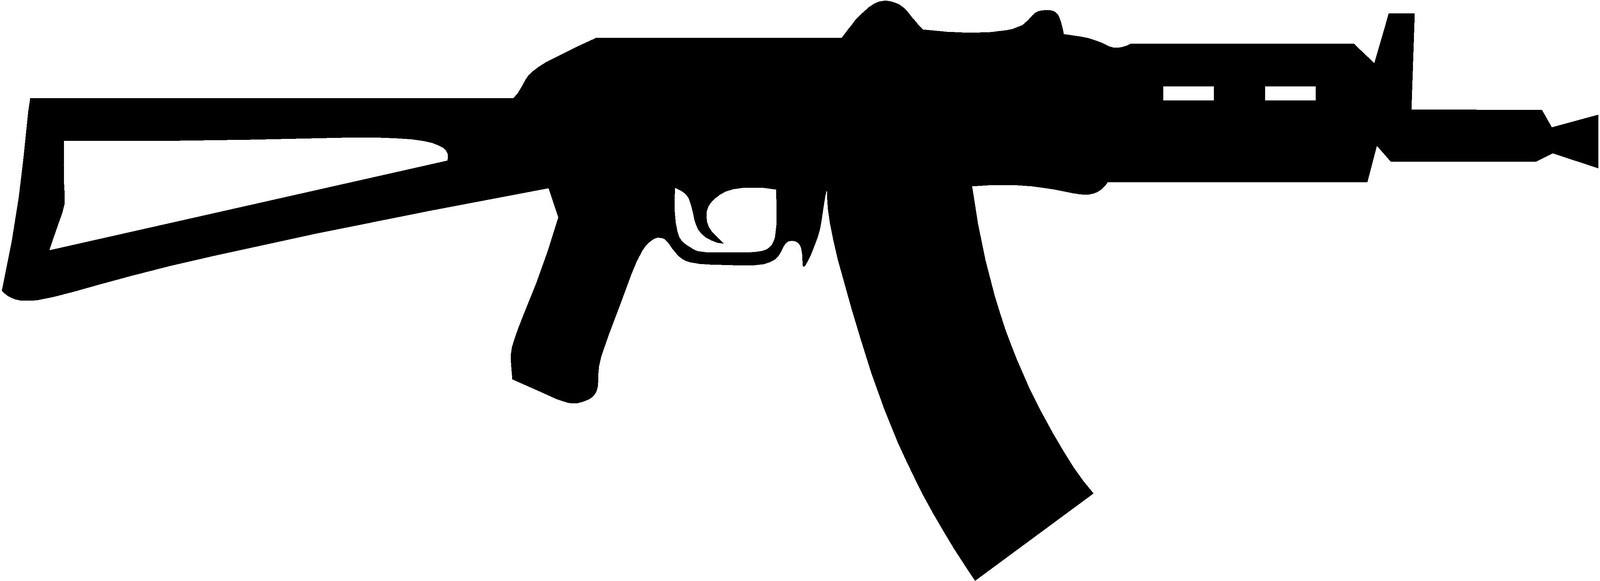 Free AK-47 Cliparts, Download Free AK-47 Cliparts png ... (1600 x 581 Pixel)